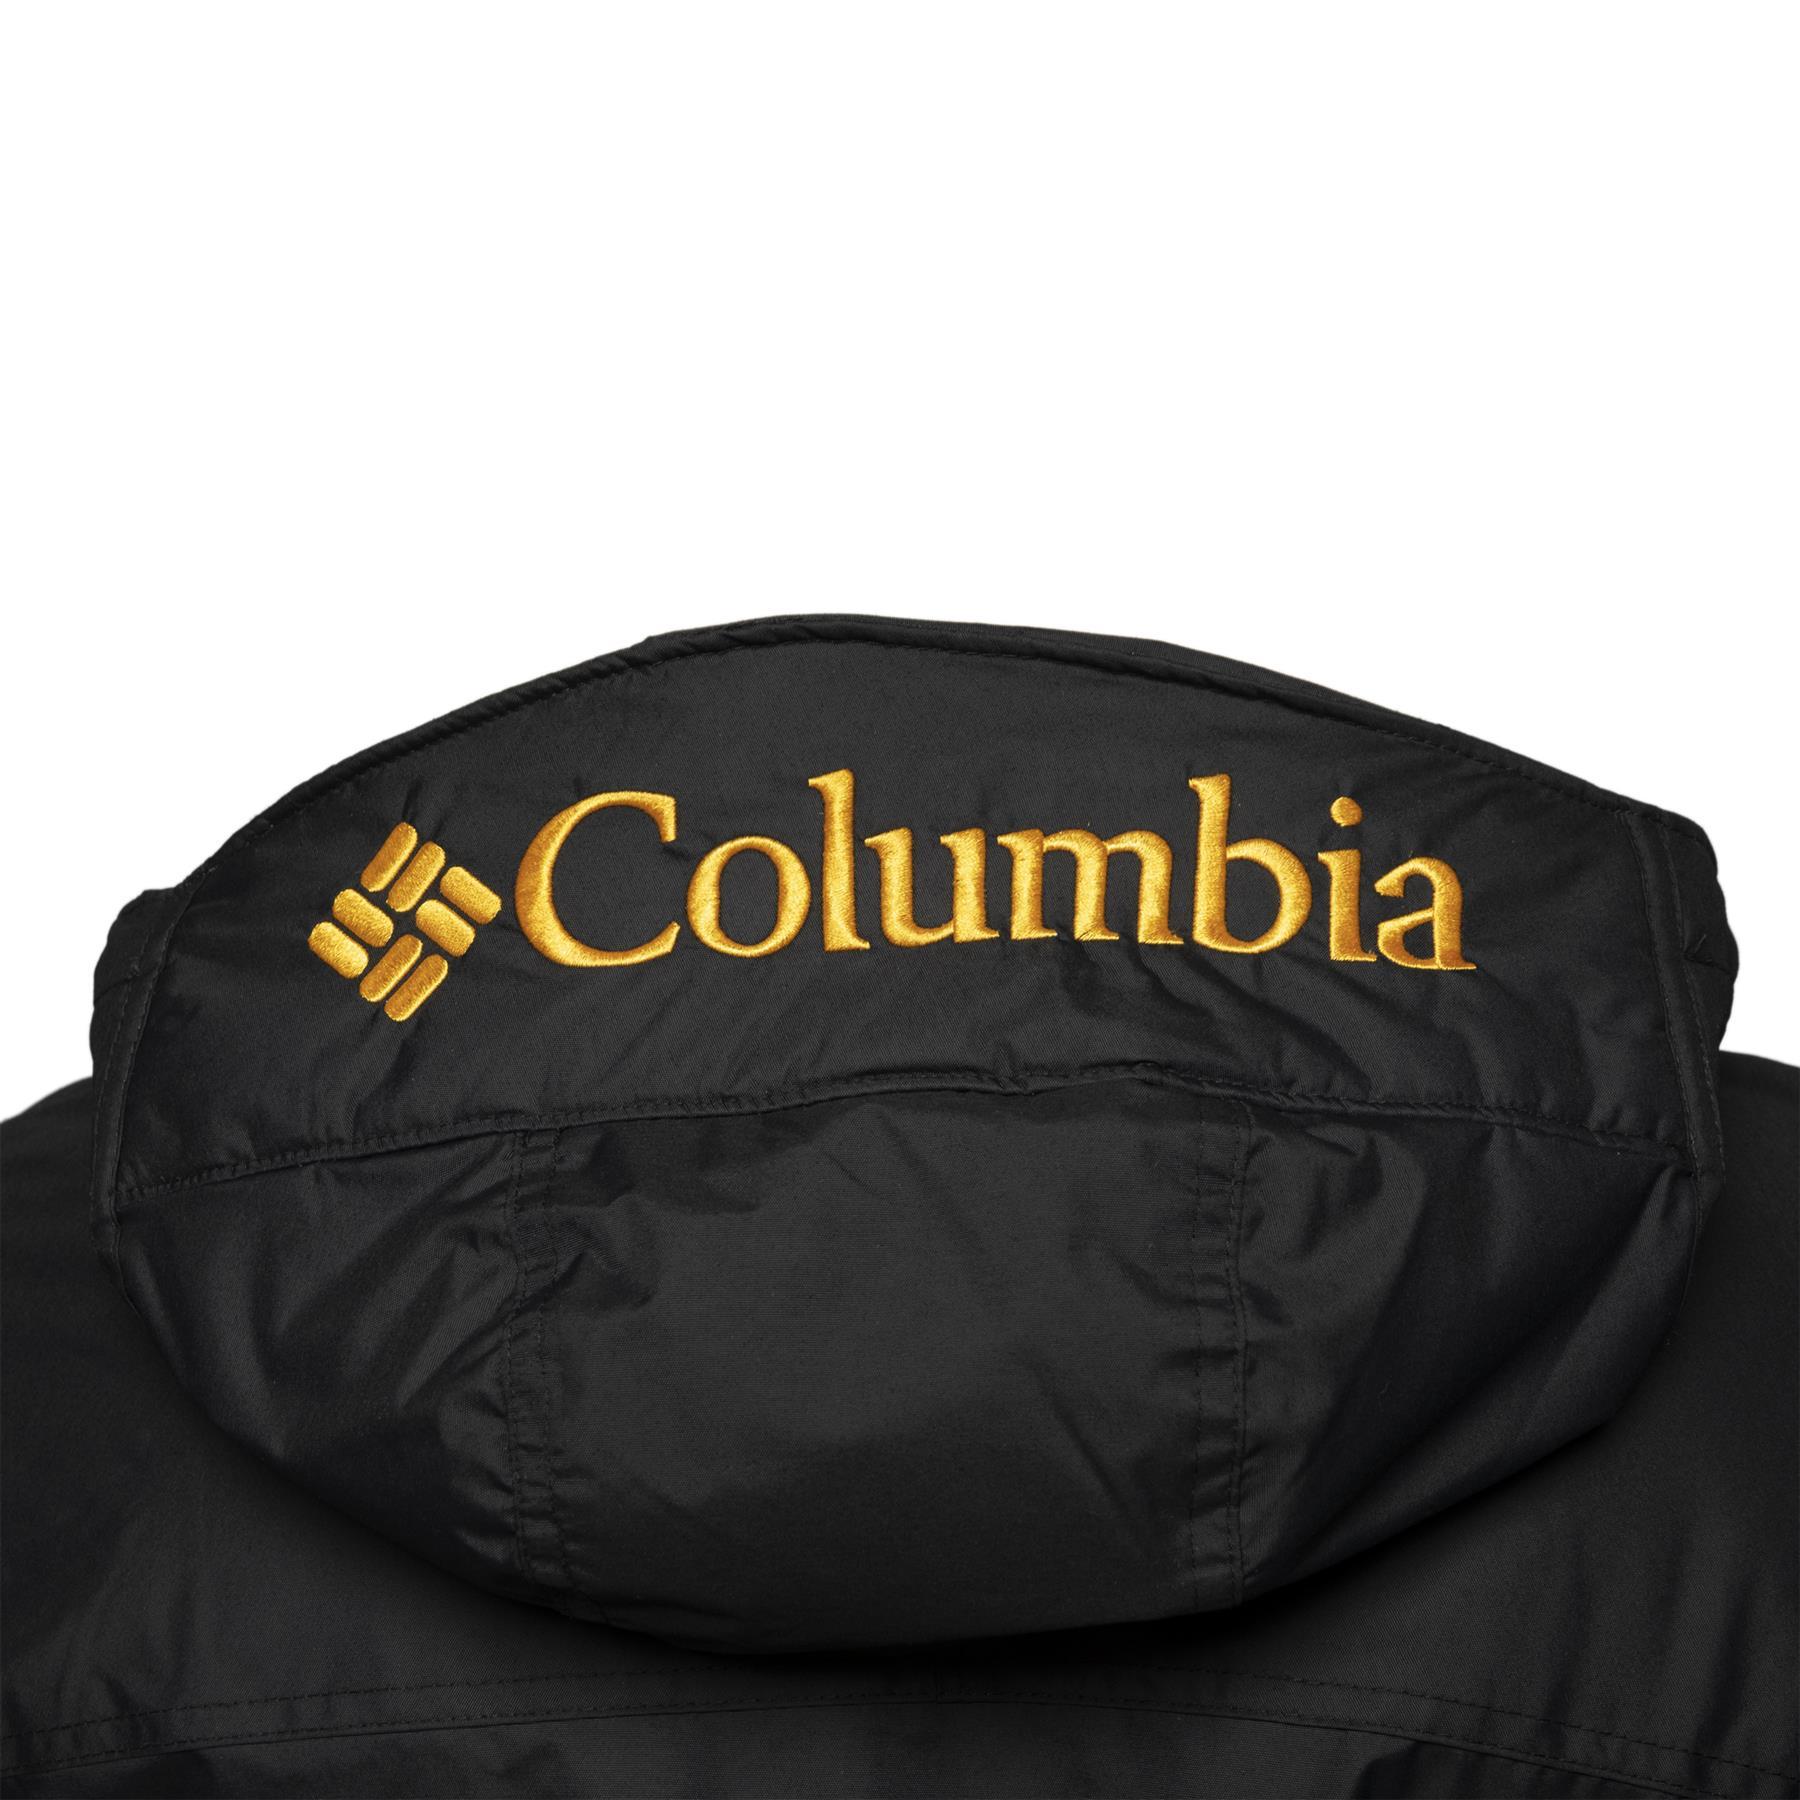 Columbia-Challenger-para-Hombres-Chaqueta-De-Invierno-Cazadora-Jersey-Todas-Las-Tallas-S-M-L-XL miniatura 3